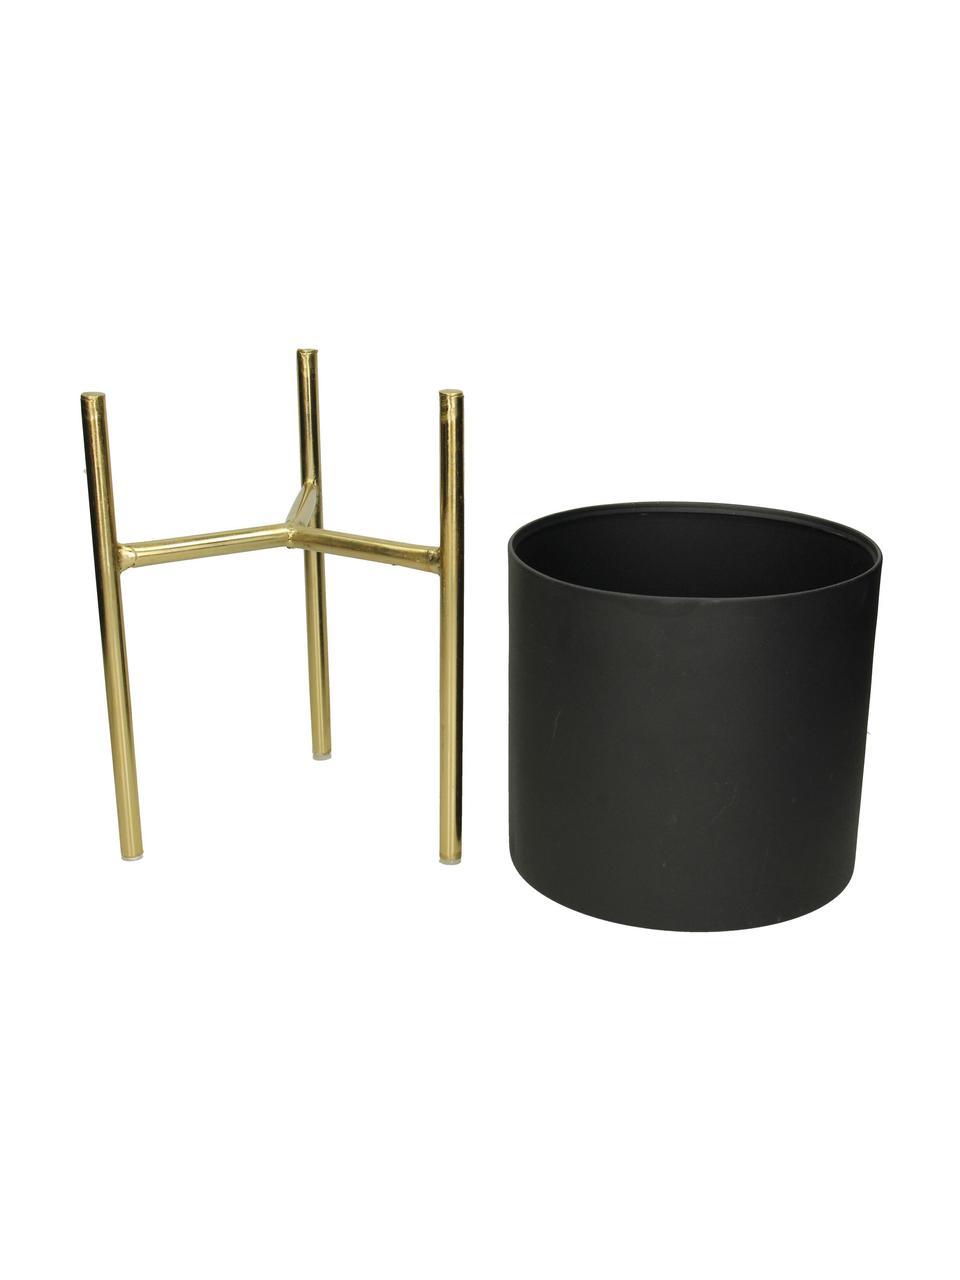 Komplet osłonek na doniczkę z metalu Blako, 3 elem., Metal powlekany, Czarny, odcienie złotego, Komplet z różnymi rozmiarami